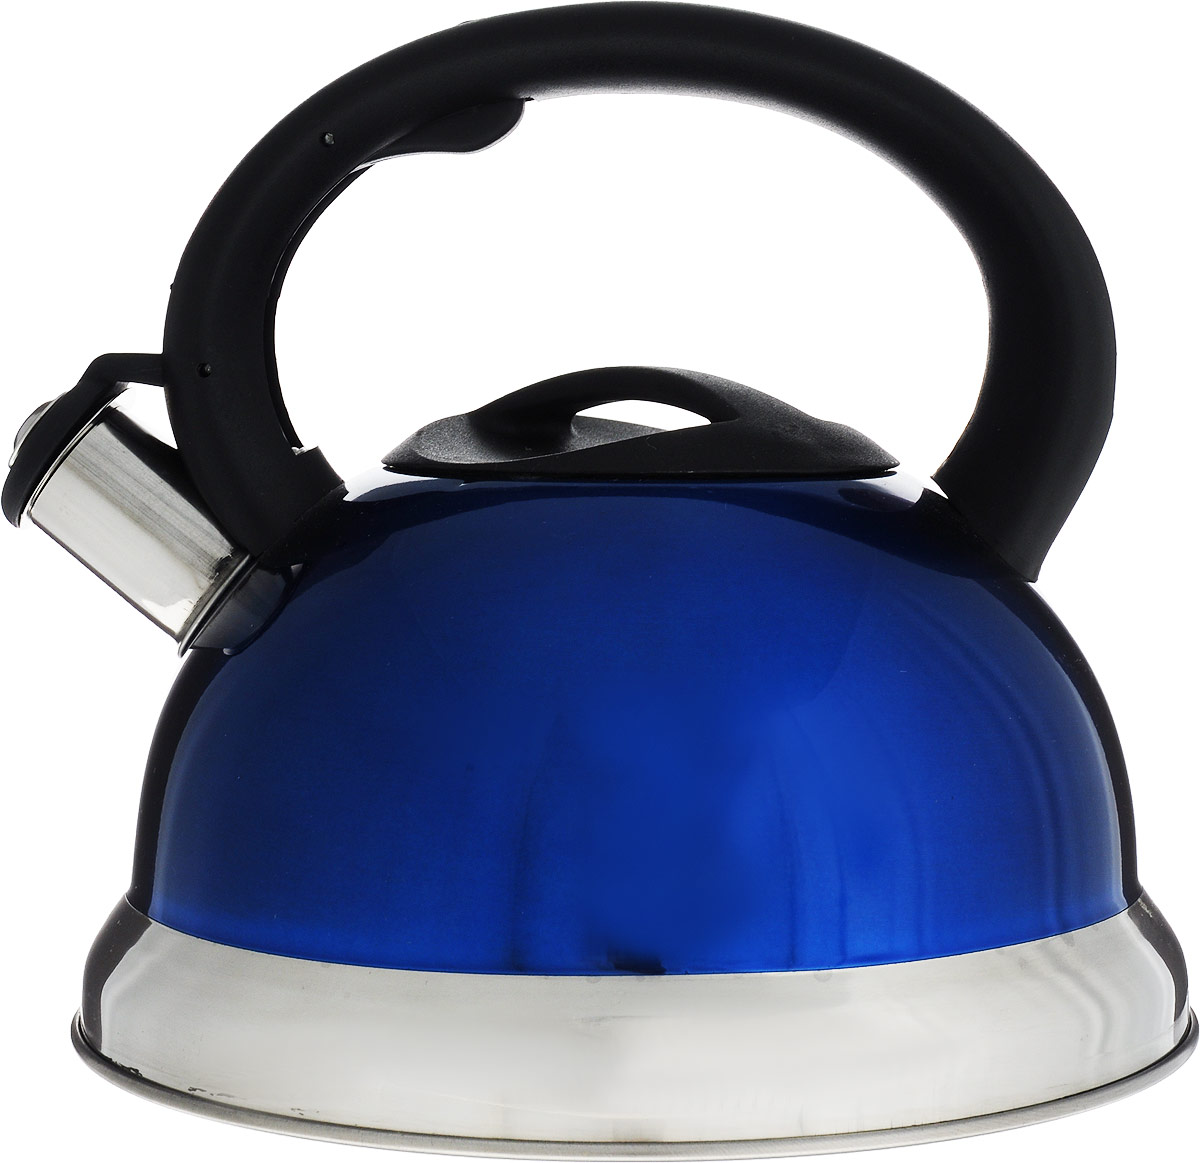 Чайник Bohmann, со свистком, цвет: синий, 3,5 л чайник bohmann со свистком цвет оранжевый 3 л bh 9957